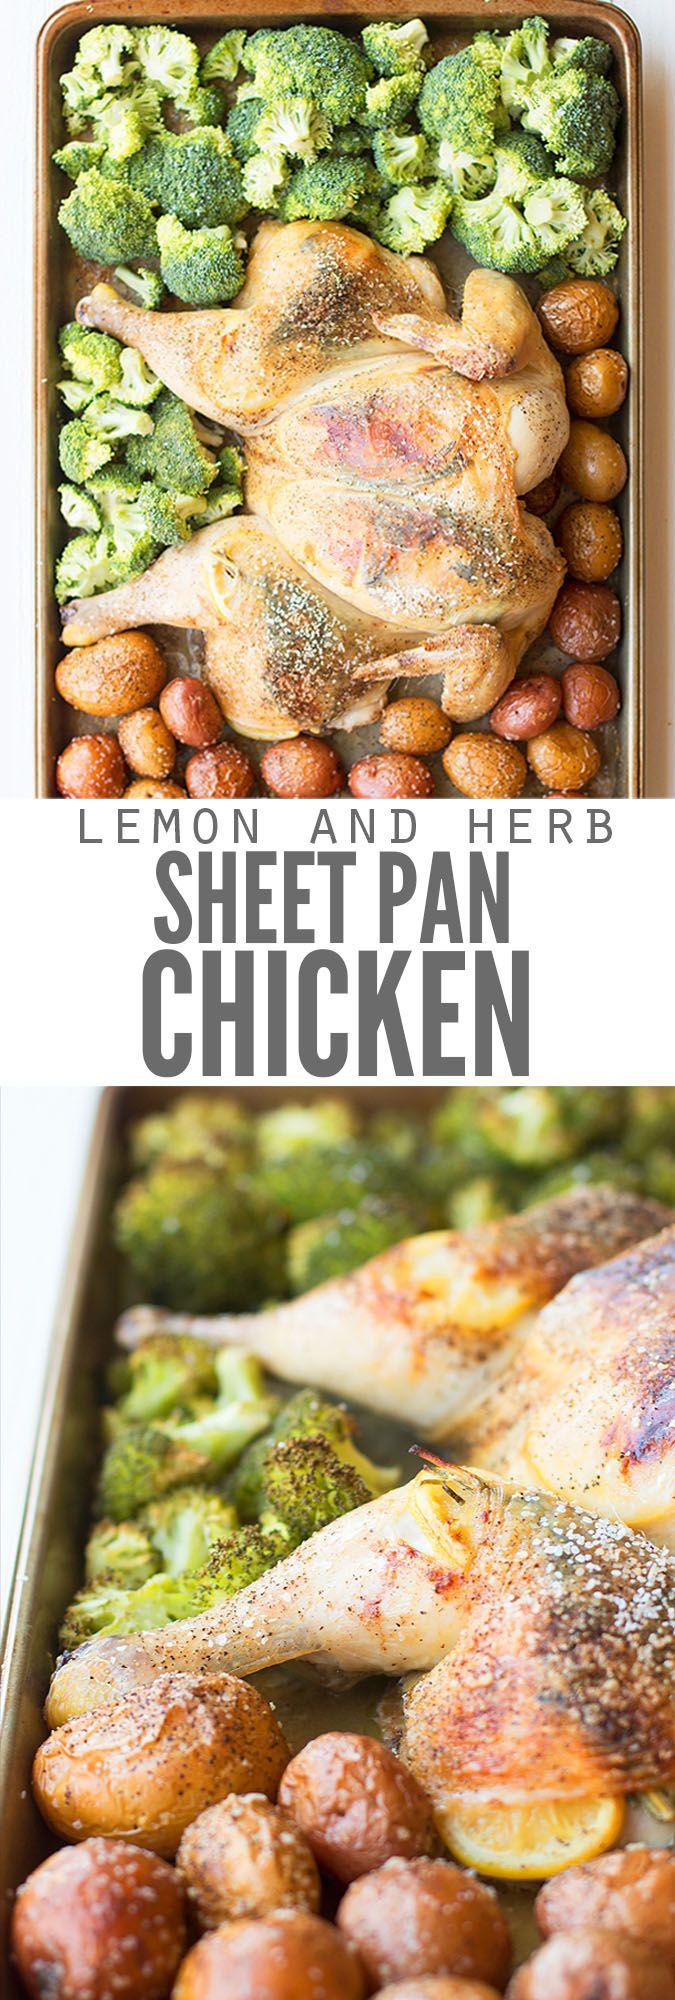 Lemon and Herb Sheet Pan Chicken #onepandinners